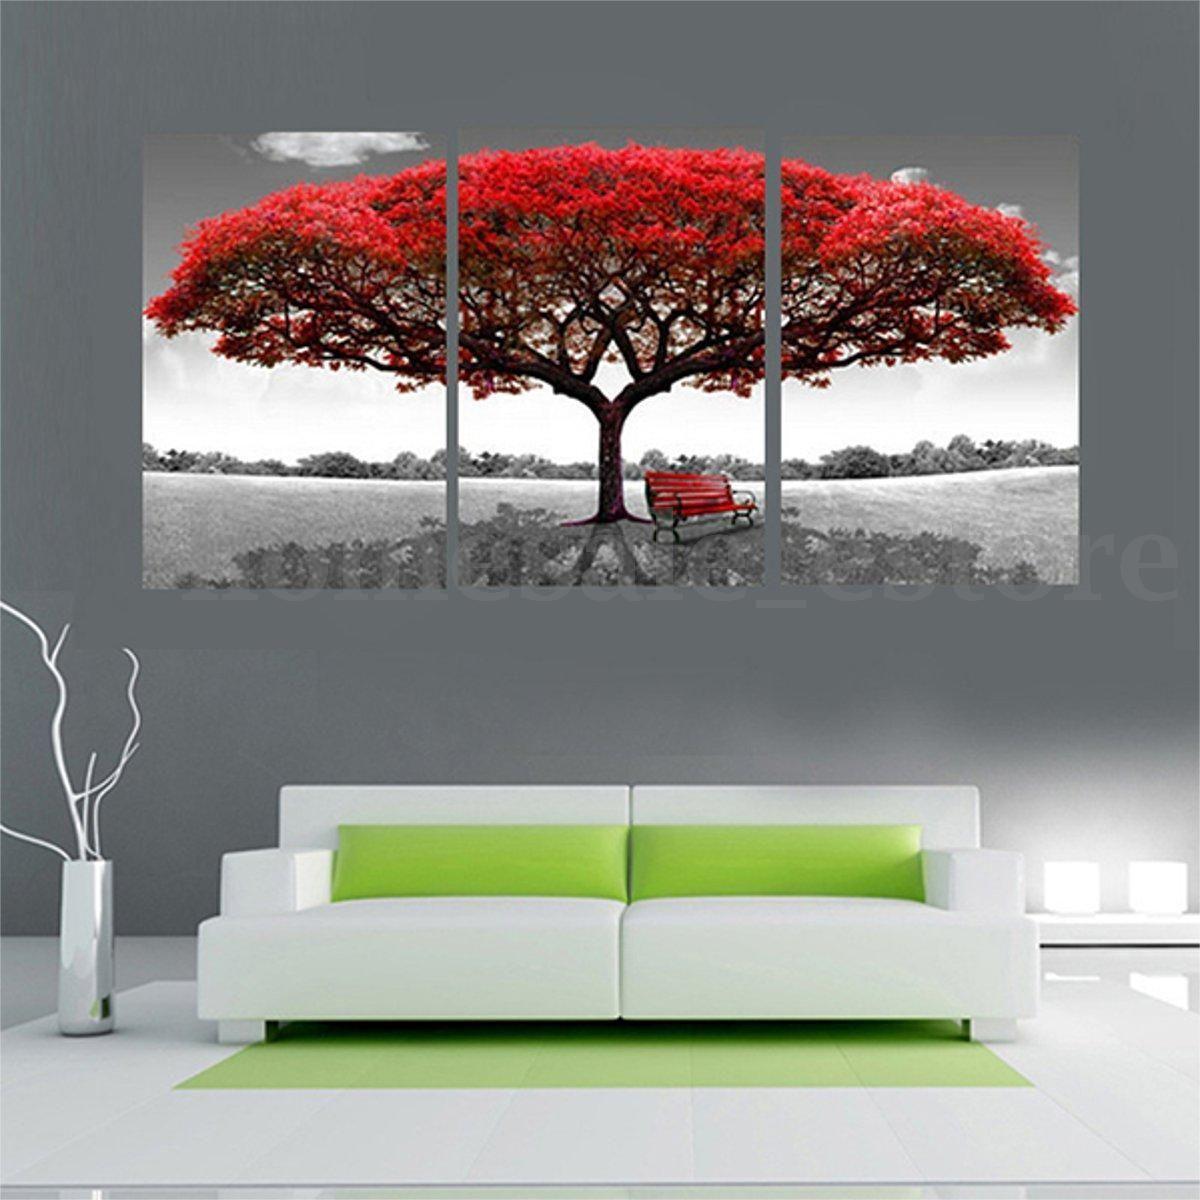 Lienzo Grande Árbol Rojo Hogar Moderno Pared Decoración Arte Pintura ...